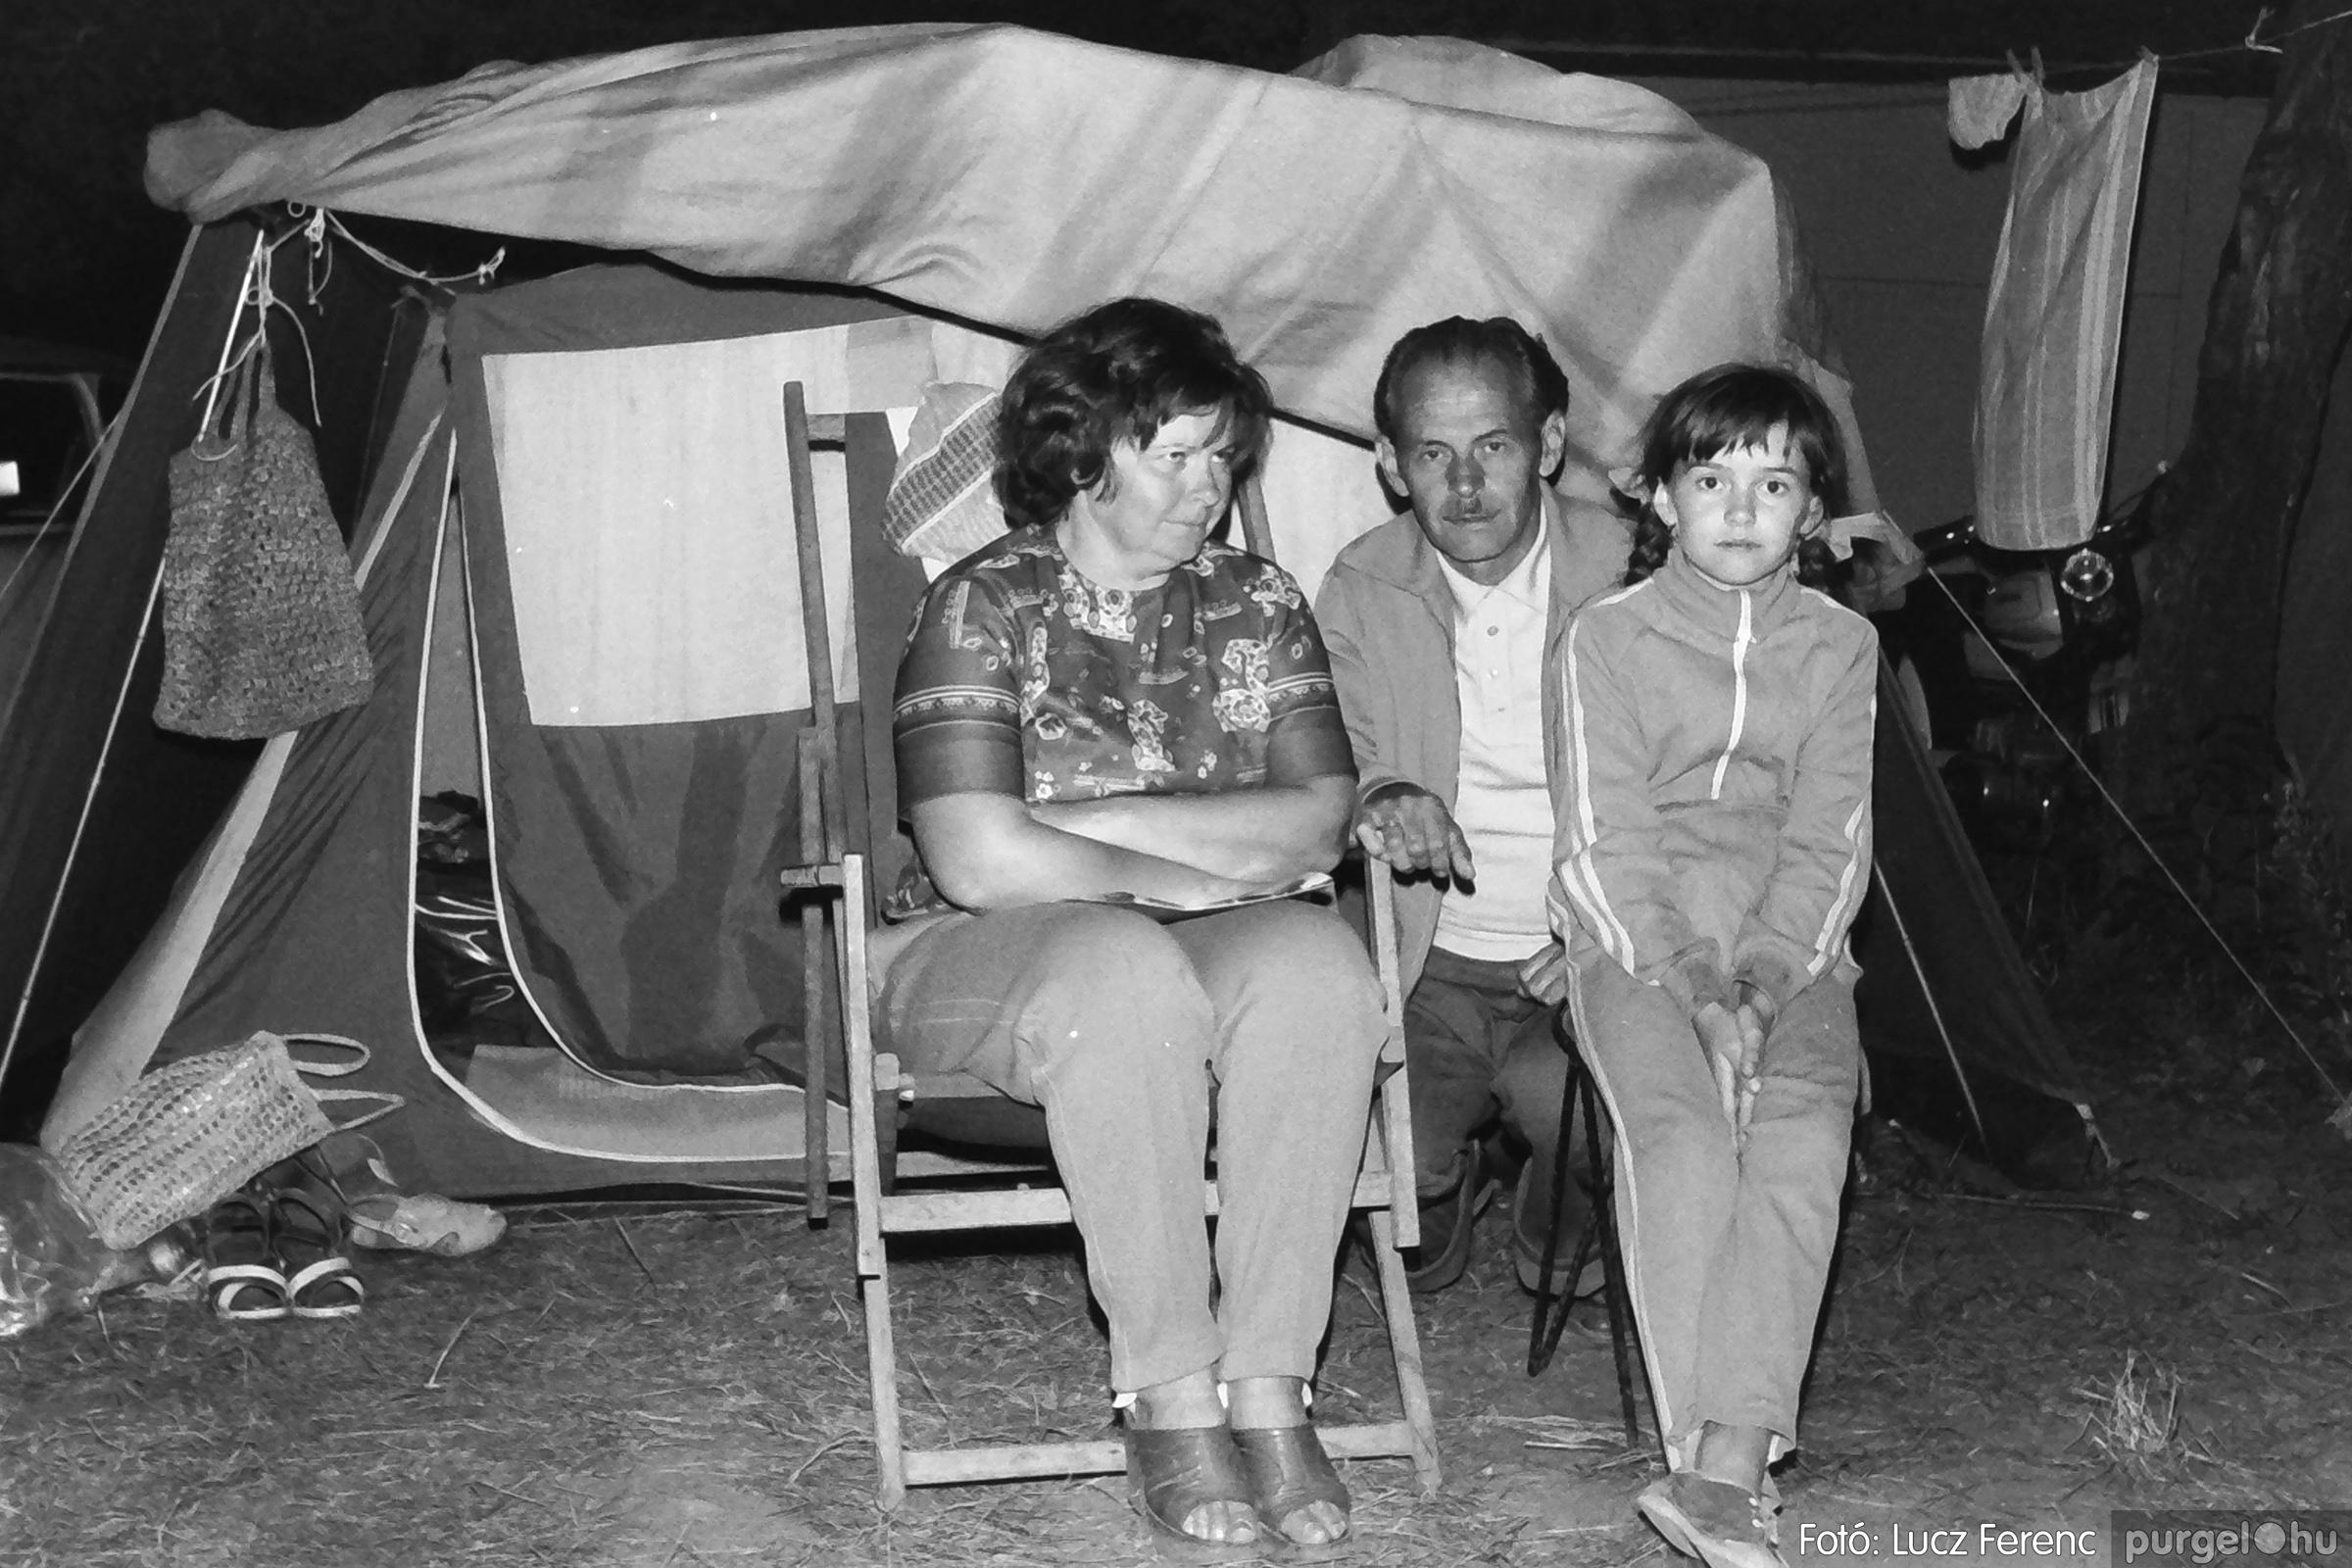 086, 088. 1977. Nyári tábor a Mátrában 060. - Fotó: Lucz Ferenc.jpg